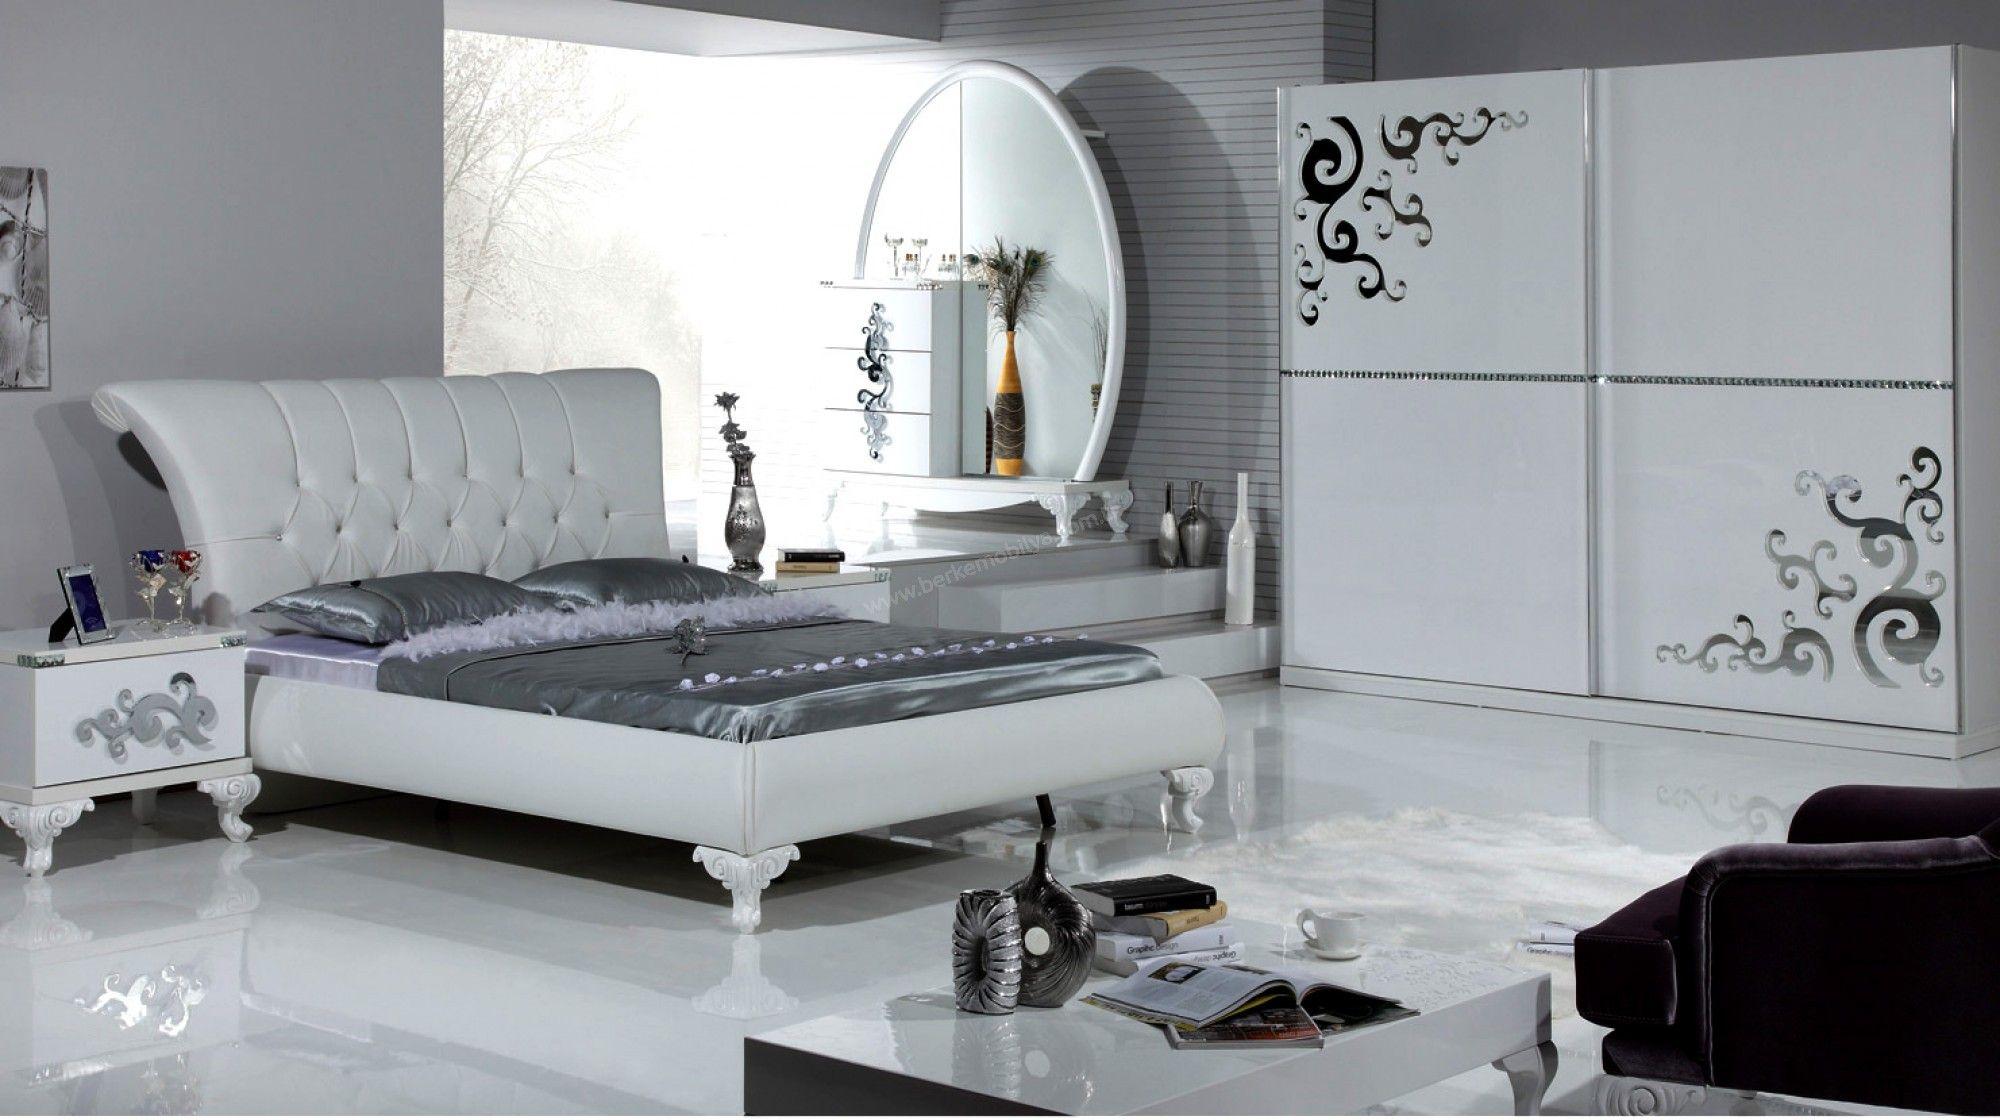 Modern yatak odalar sude yatak odas takm - Modern Yatak Odas Modelleri